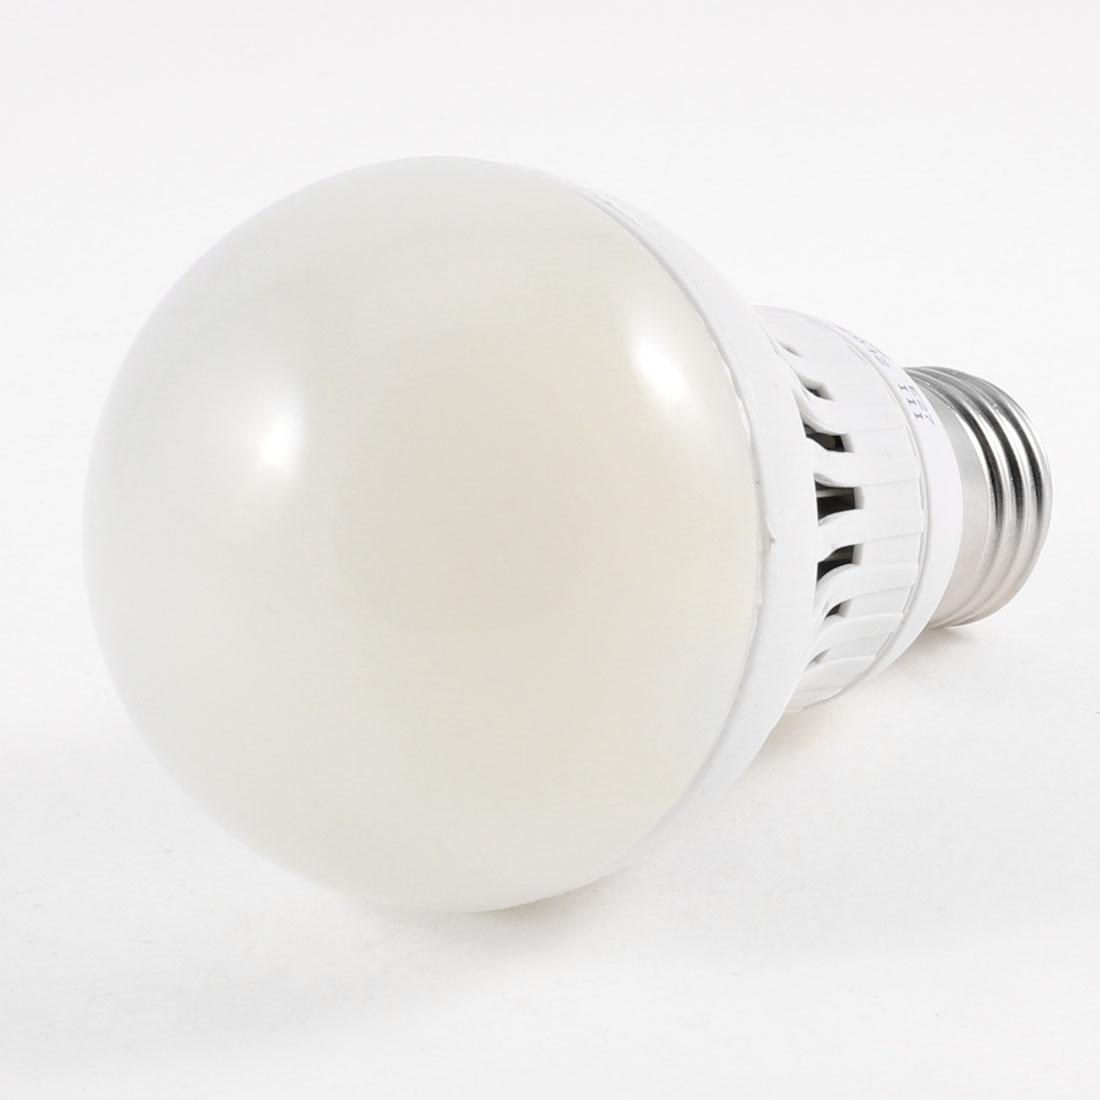 E27 Socket Energy Saving White LED Ball Bulb Lamp AC 220V 8W 6500K